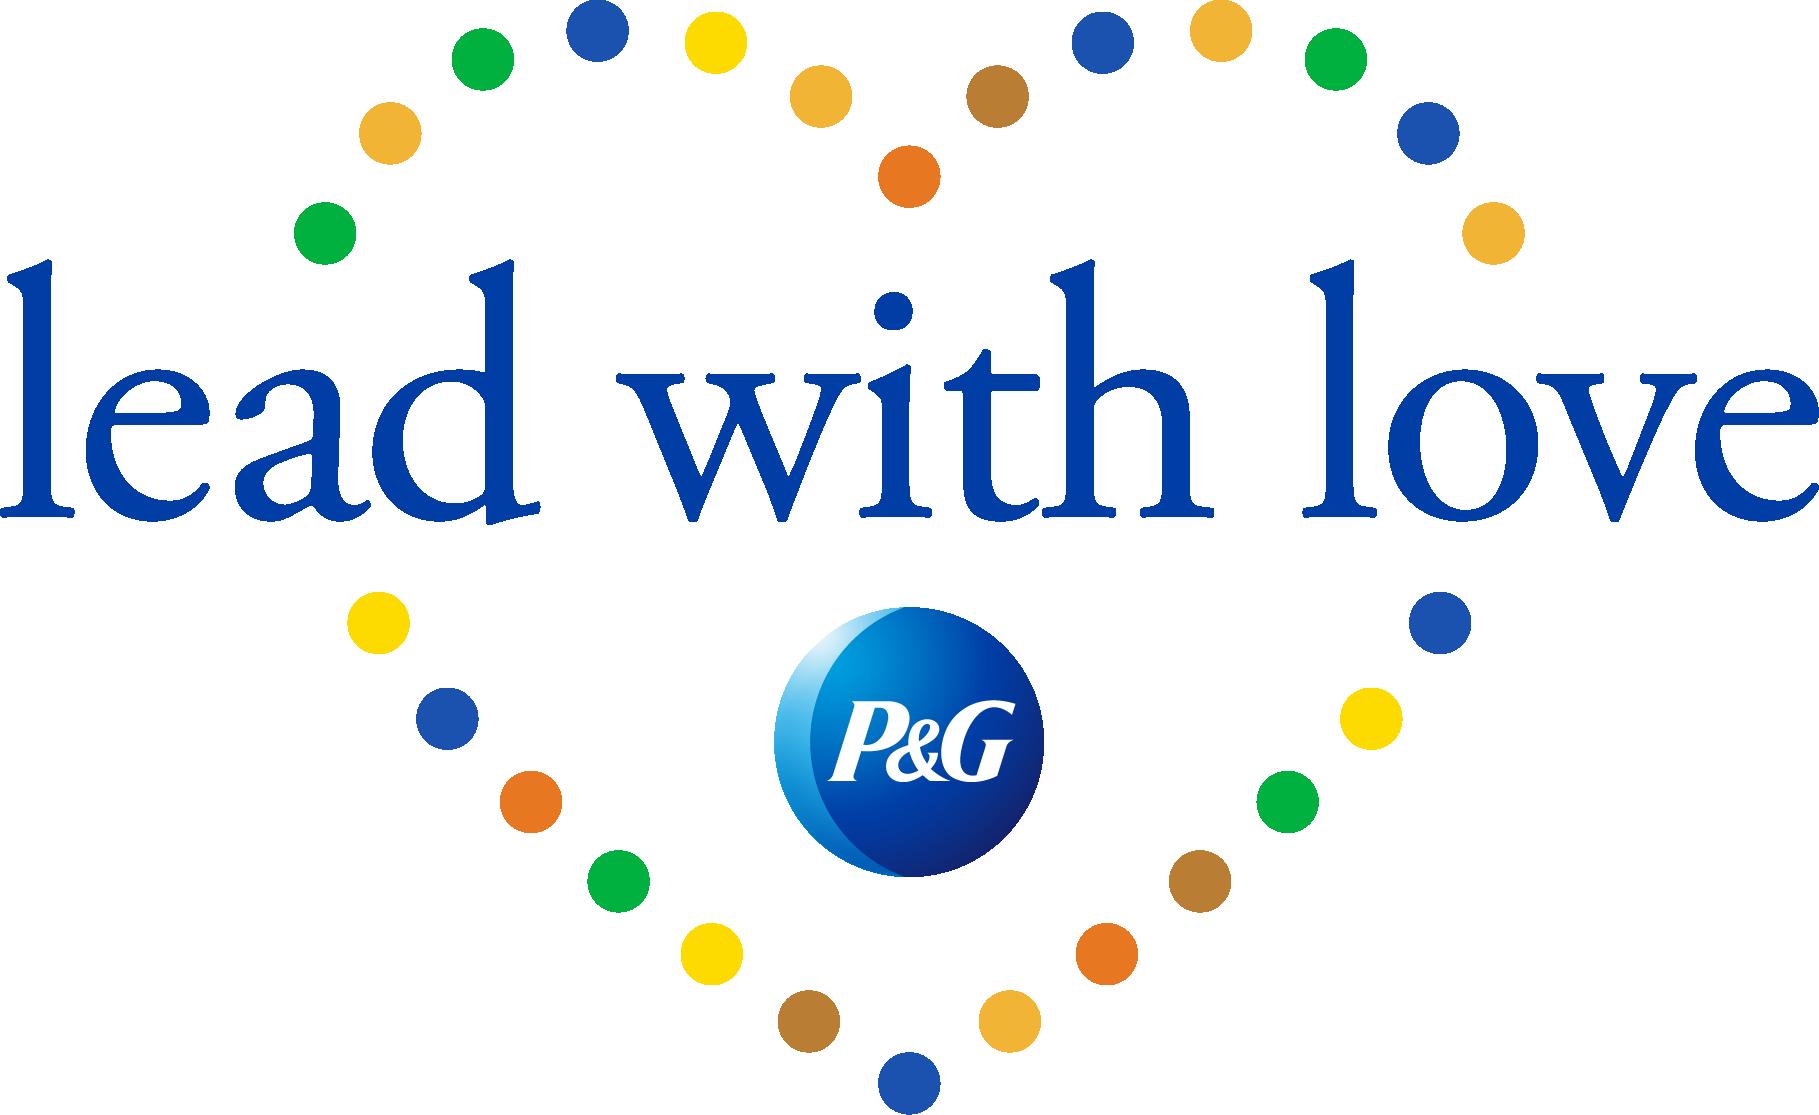 P&G'den 2021'de dünya genelinde iyilik ve umut için 2.021 iyilik hareketi